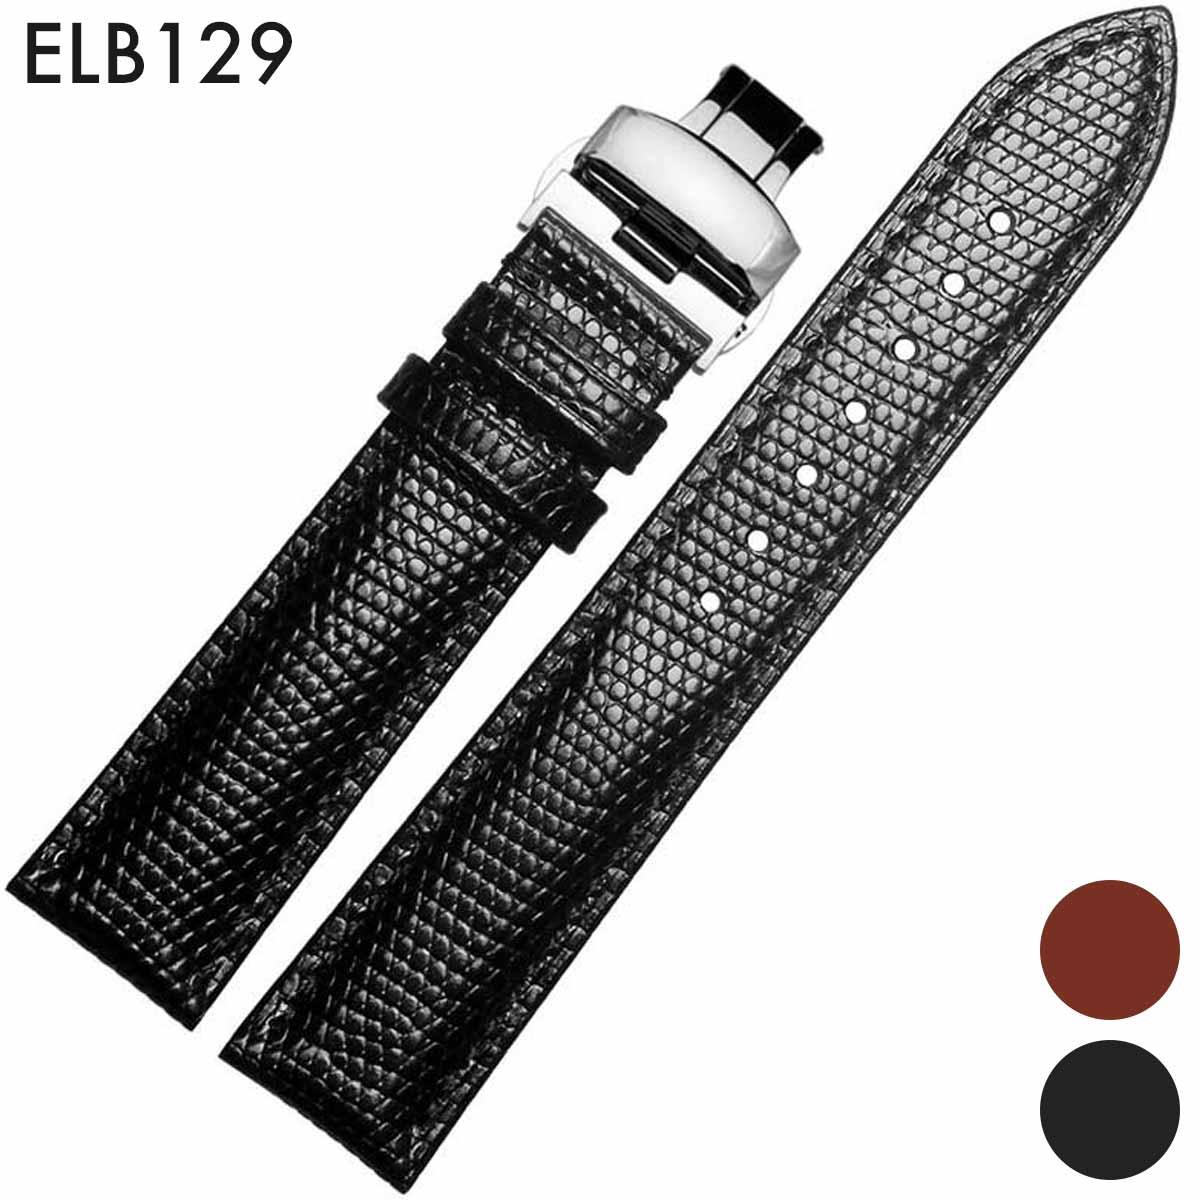 腕時計用アクセサリー, 腕時計用ベルト・バンド  18mm20mm22mm24mm : Patek Philippe TUDOR MOVADO ()D Eight - ELB129